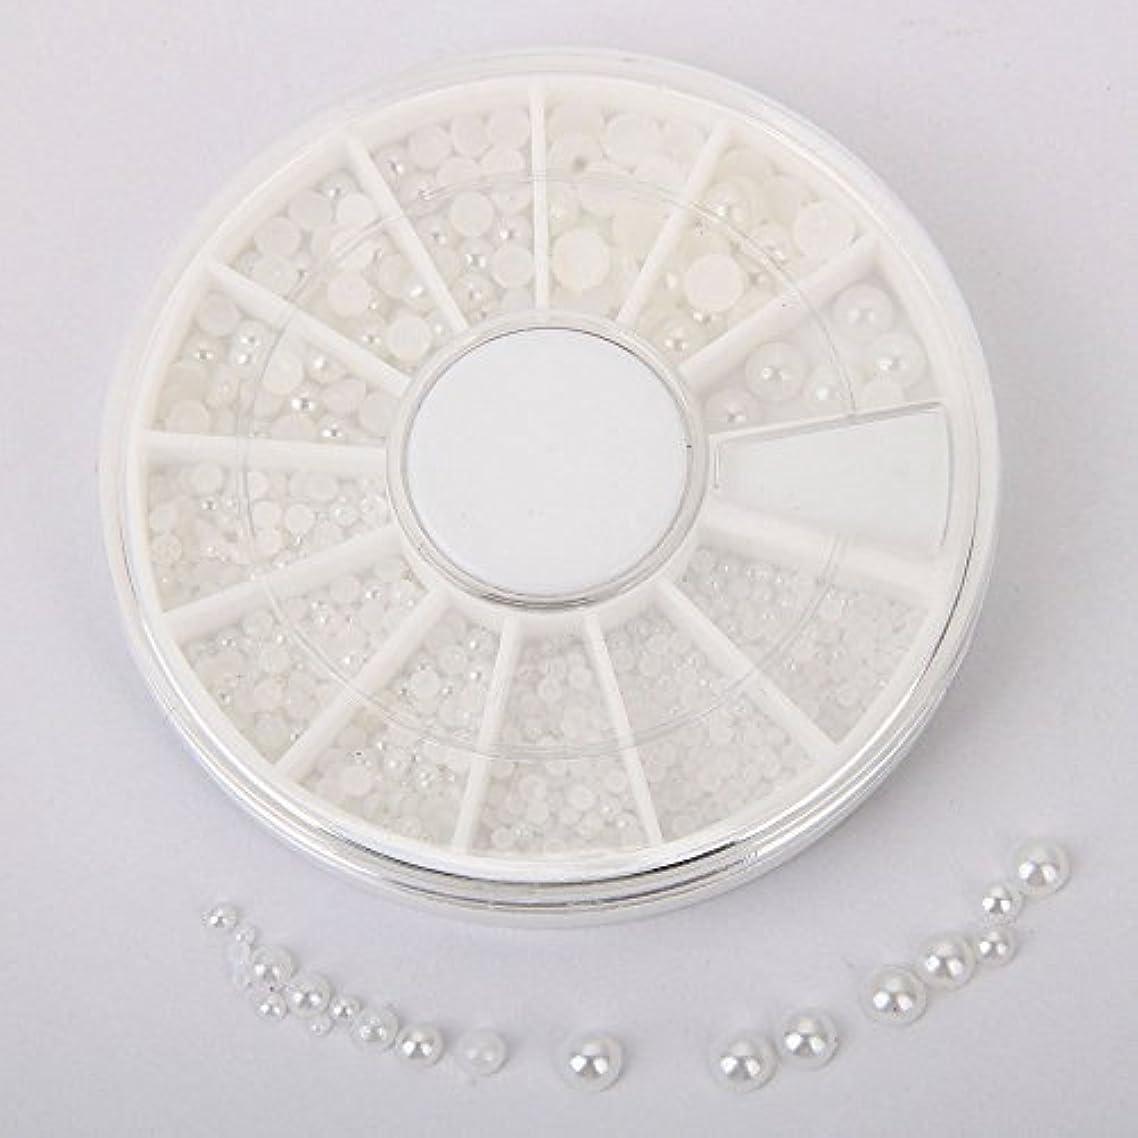 息苦しい協会ディスクシンディー ネイルアートパーツ 半円パール(ホワイト) マニキュアデコ用パール 1.5mm,2mm,3mm,4mm ラウンドケース入 3Dデコレーション(01)